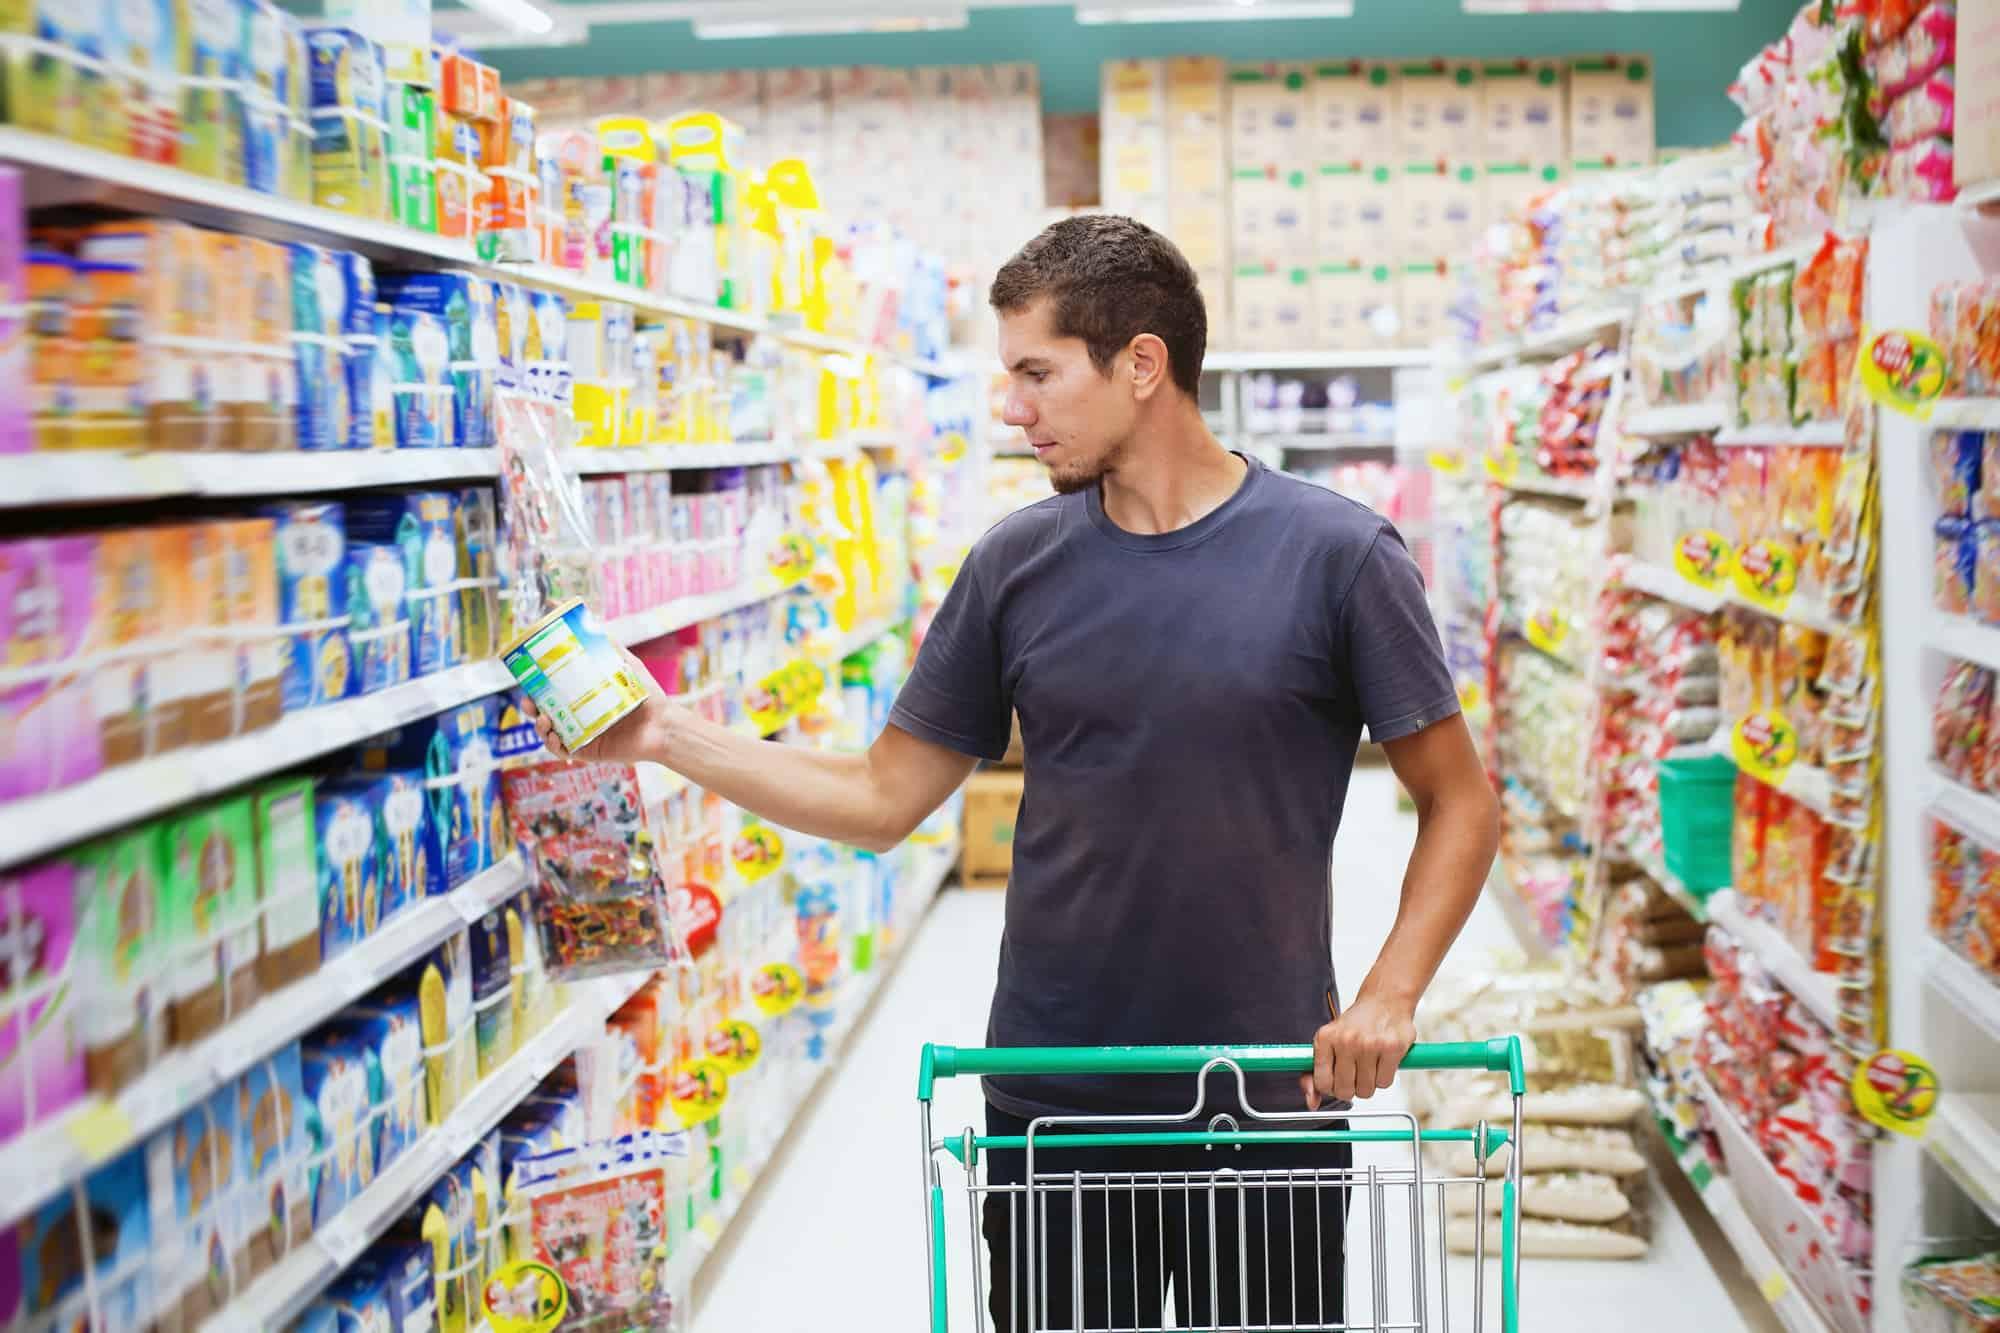 кукурузу картинка мужики в магазине то, что